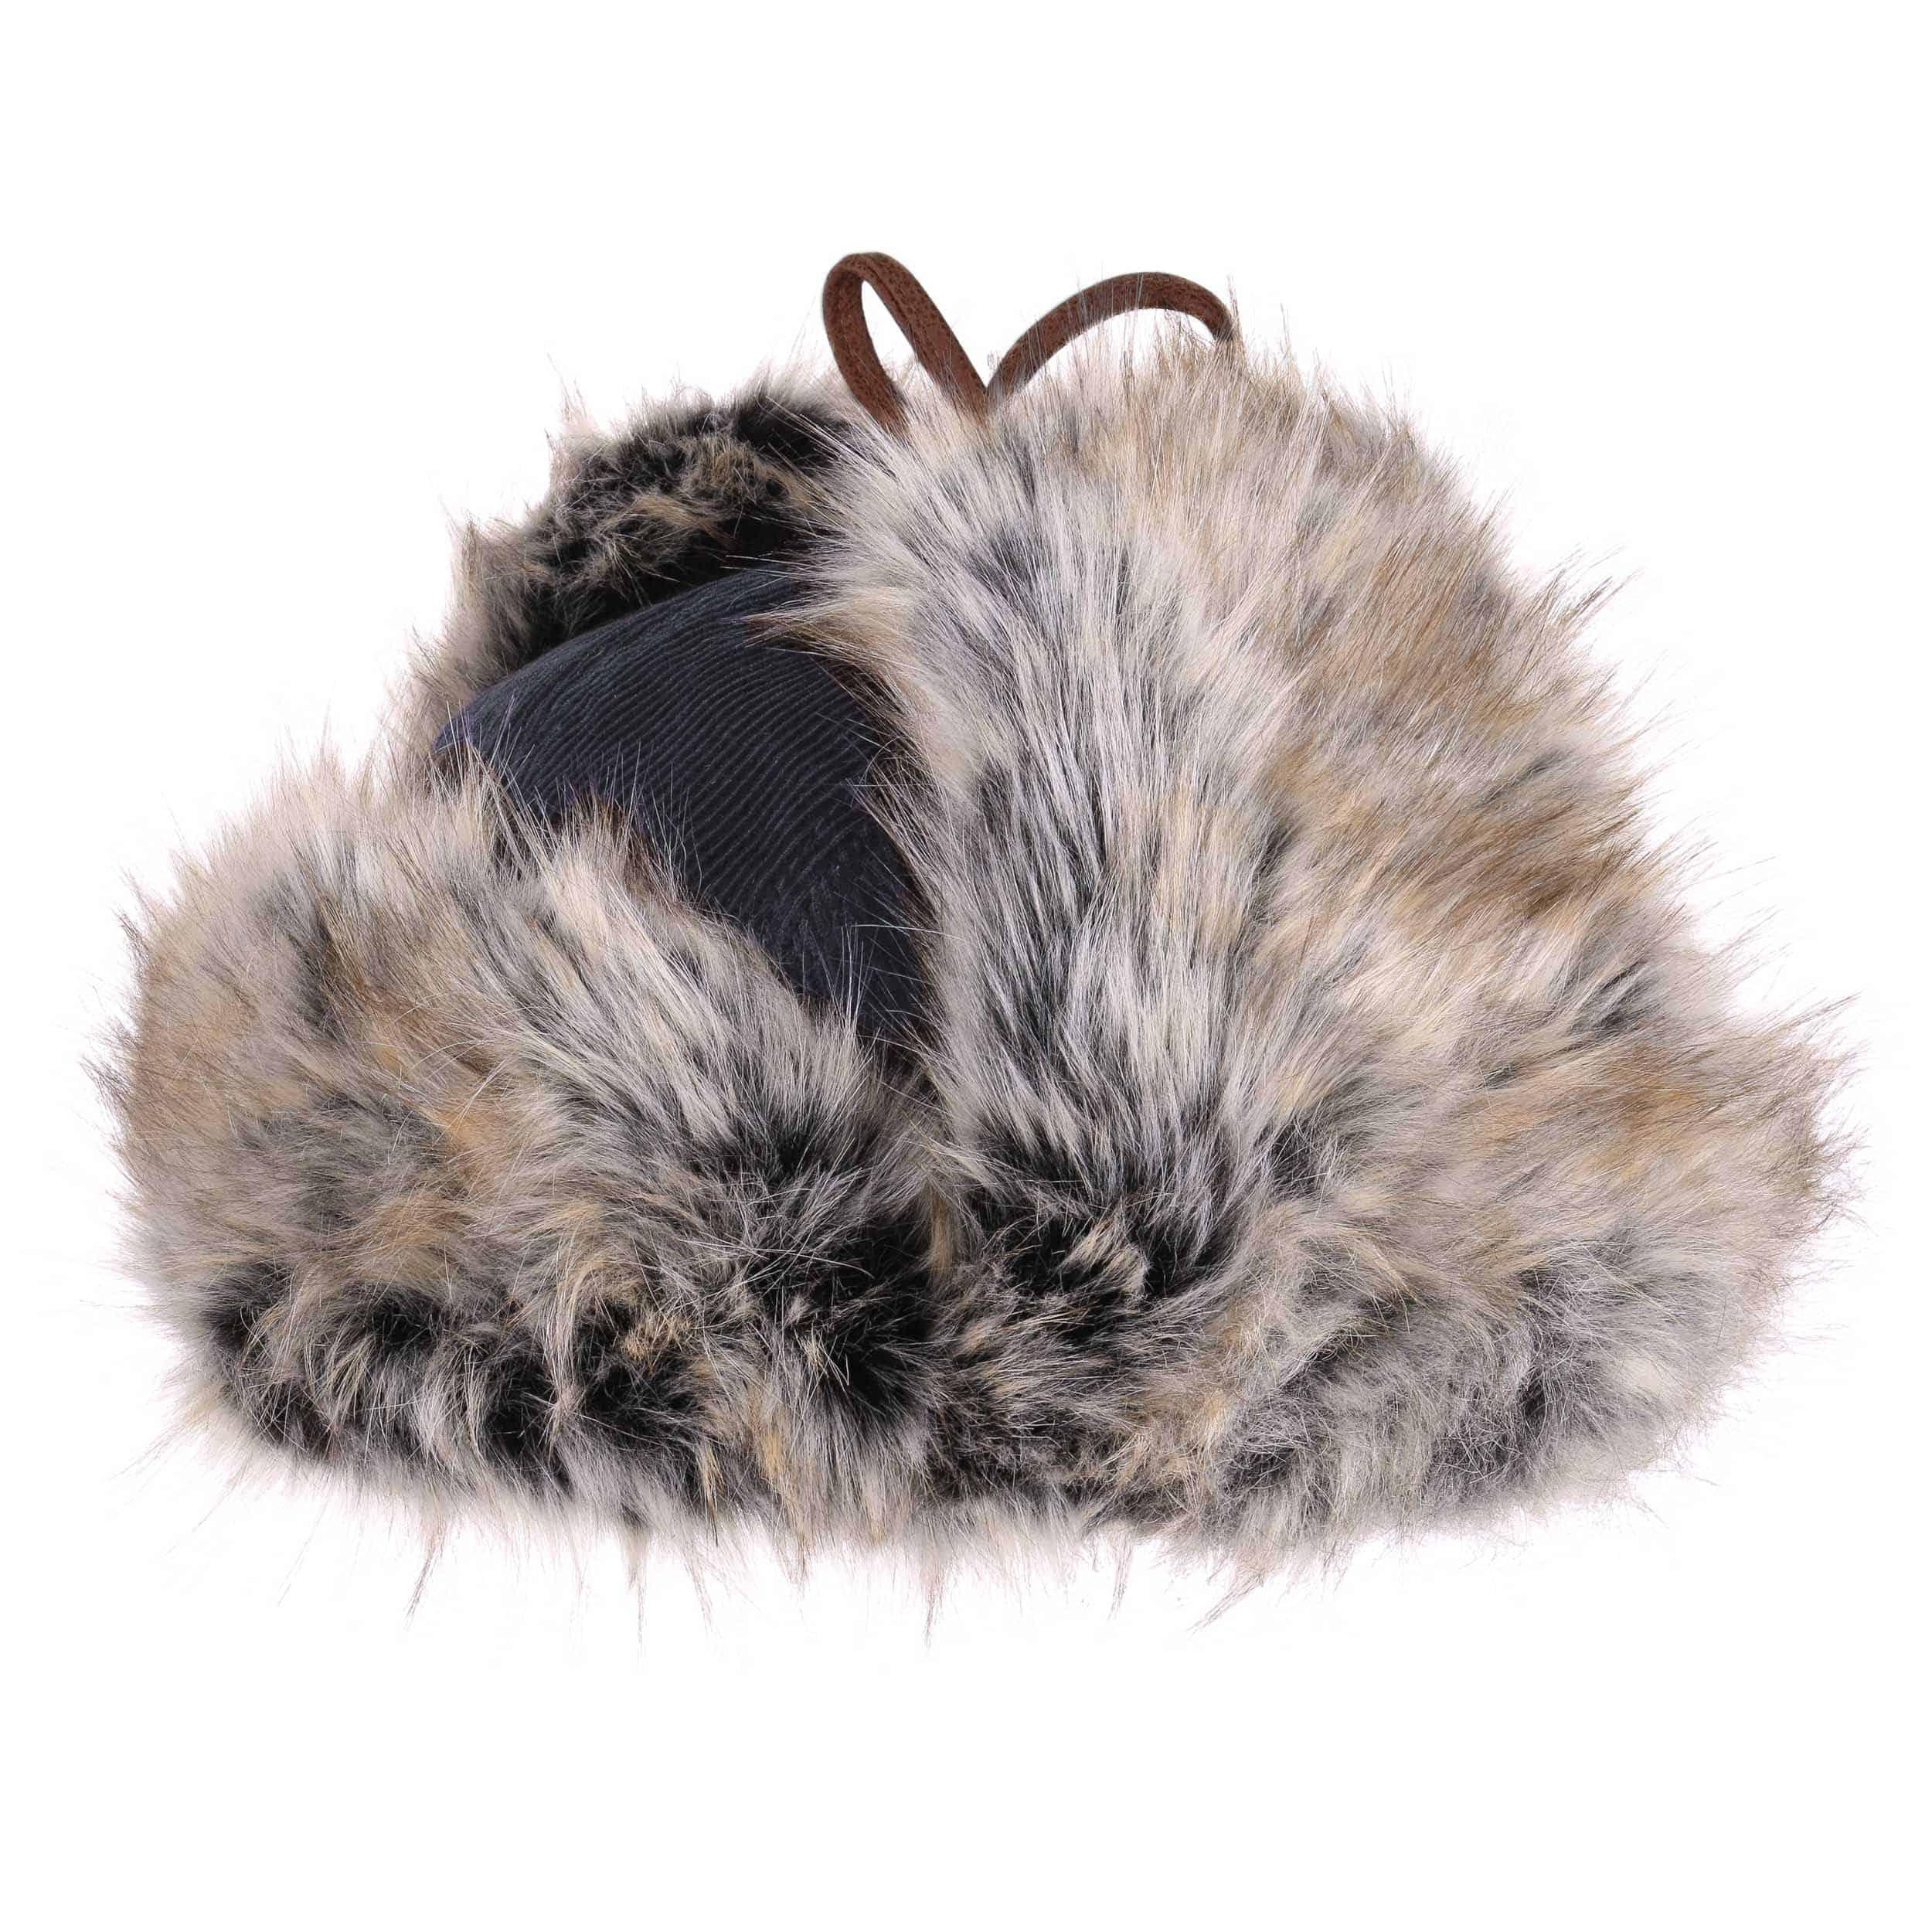 Gorro Aviador Alaska Corduroy by Stetson - Gorros - sombreroshop.es 9294f9f3dd1